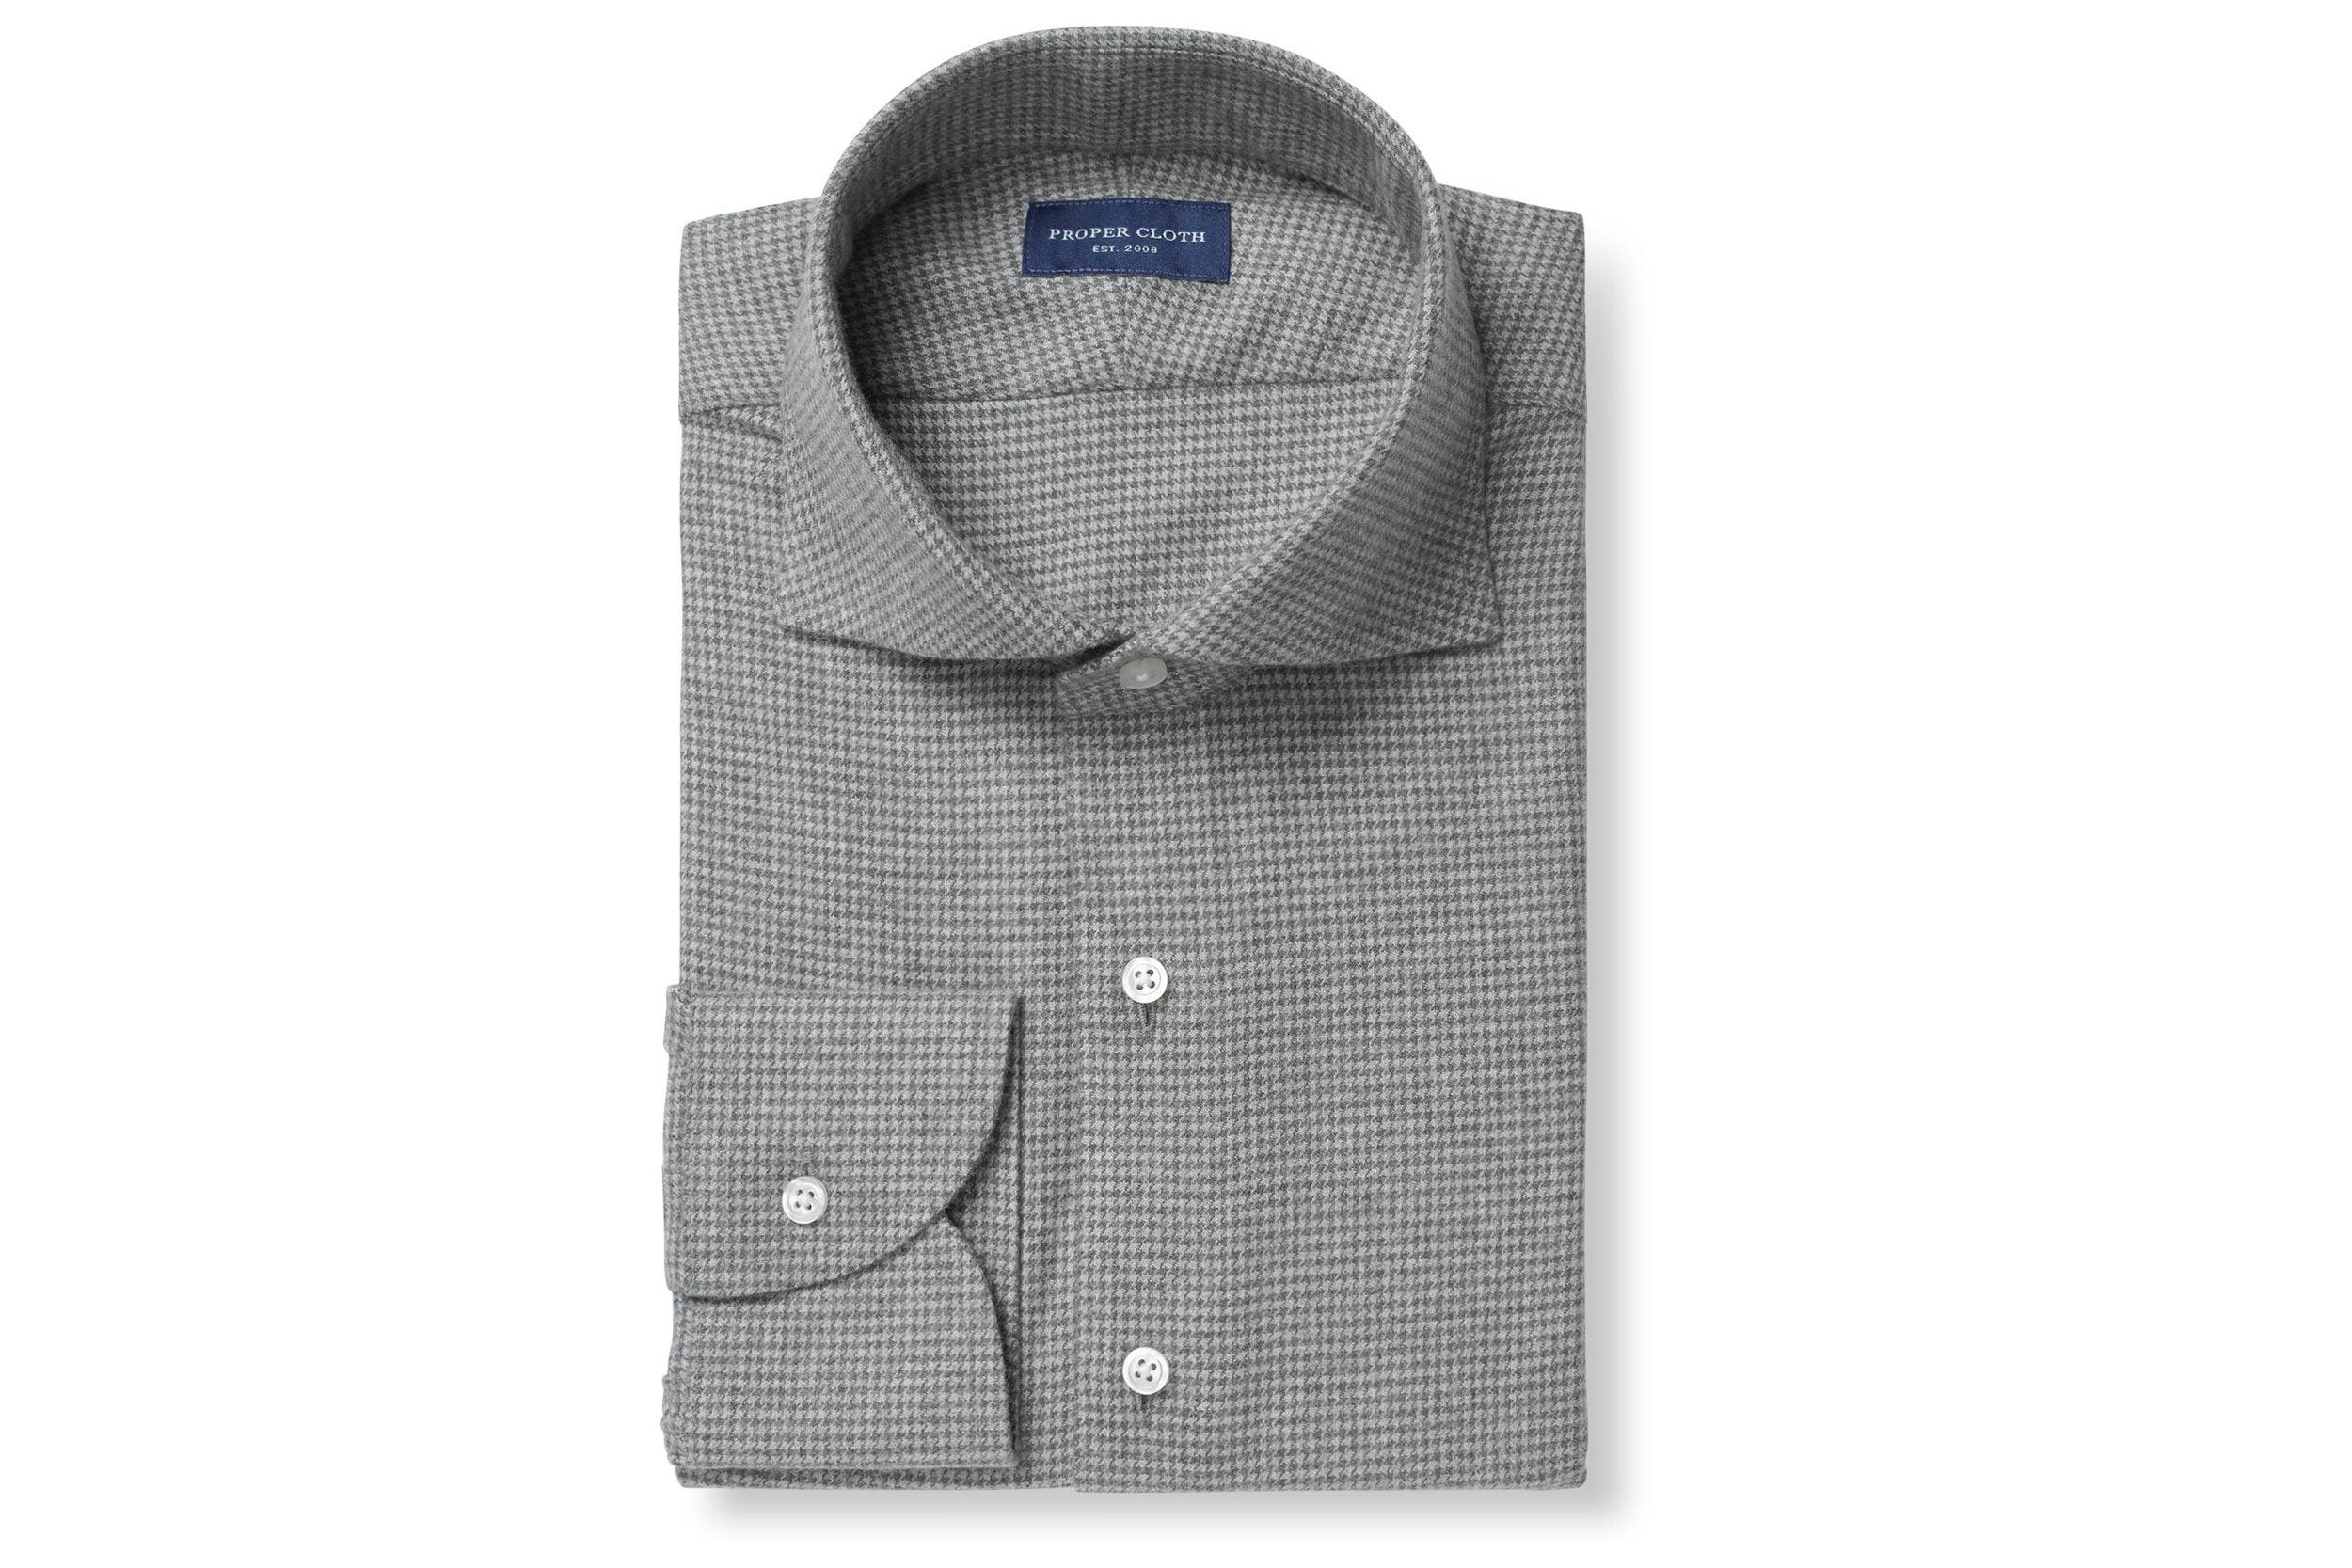 GearJunkie_Best_Flannels_2021_Proper_Cloth_Beacon